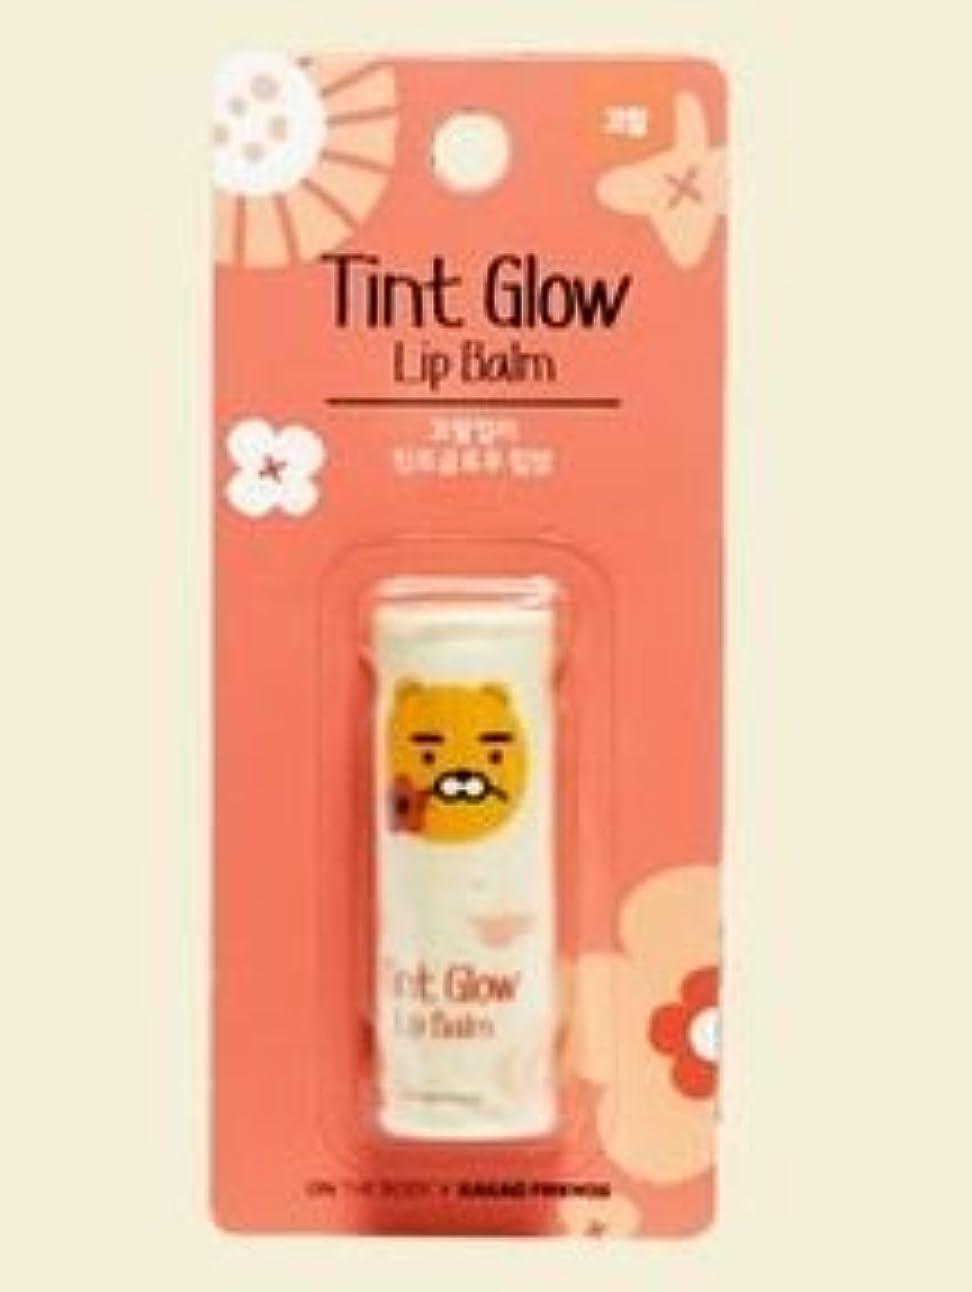 ランダム着飾る離婚On:the body*Kakao Friends Tint Glow Lip Balm 3.3g (# RYAN_コーラルカラー) [並行輸入品]